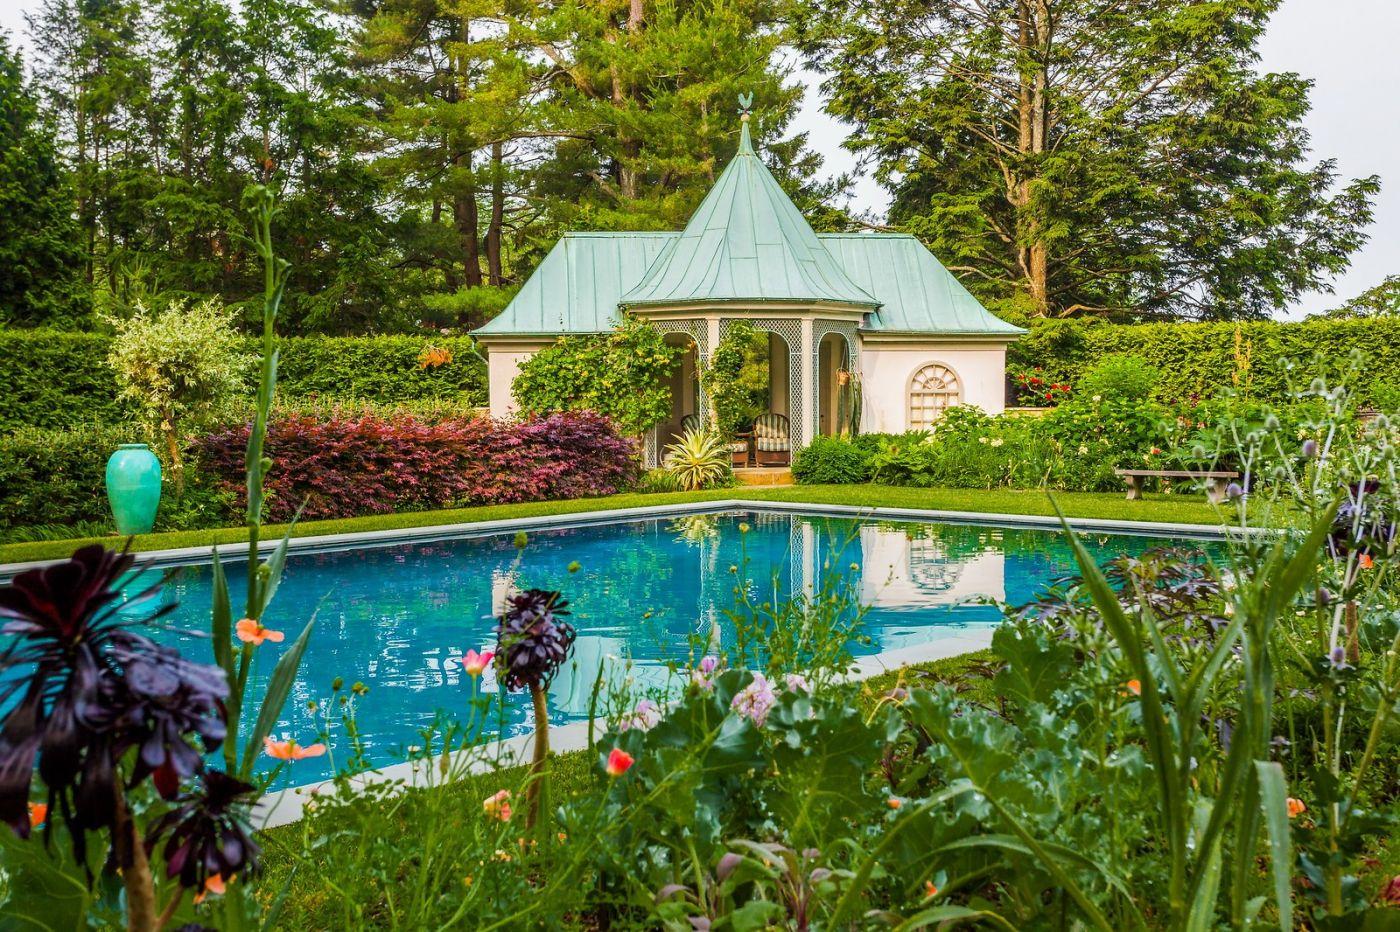 Chanticleer花园,花房泳池_图1-19